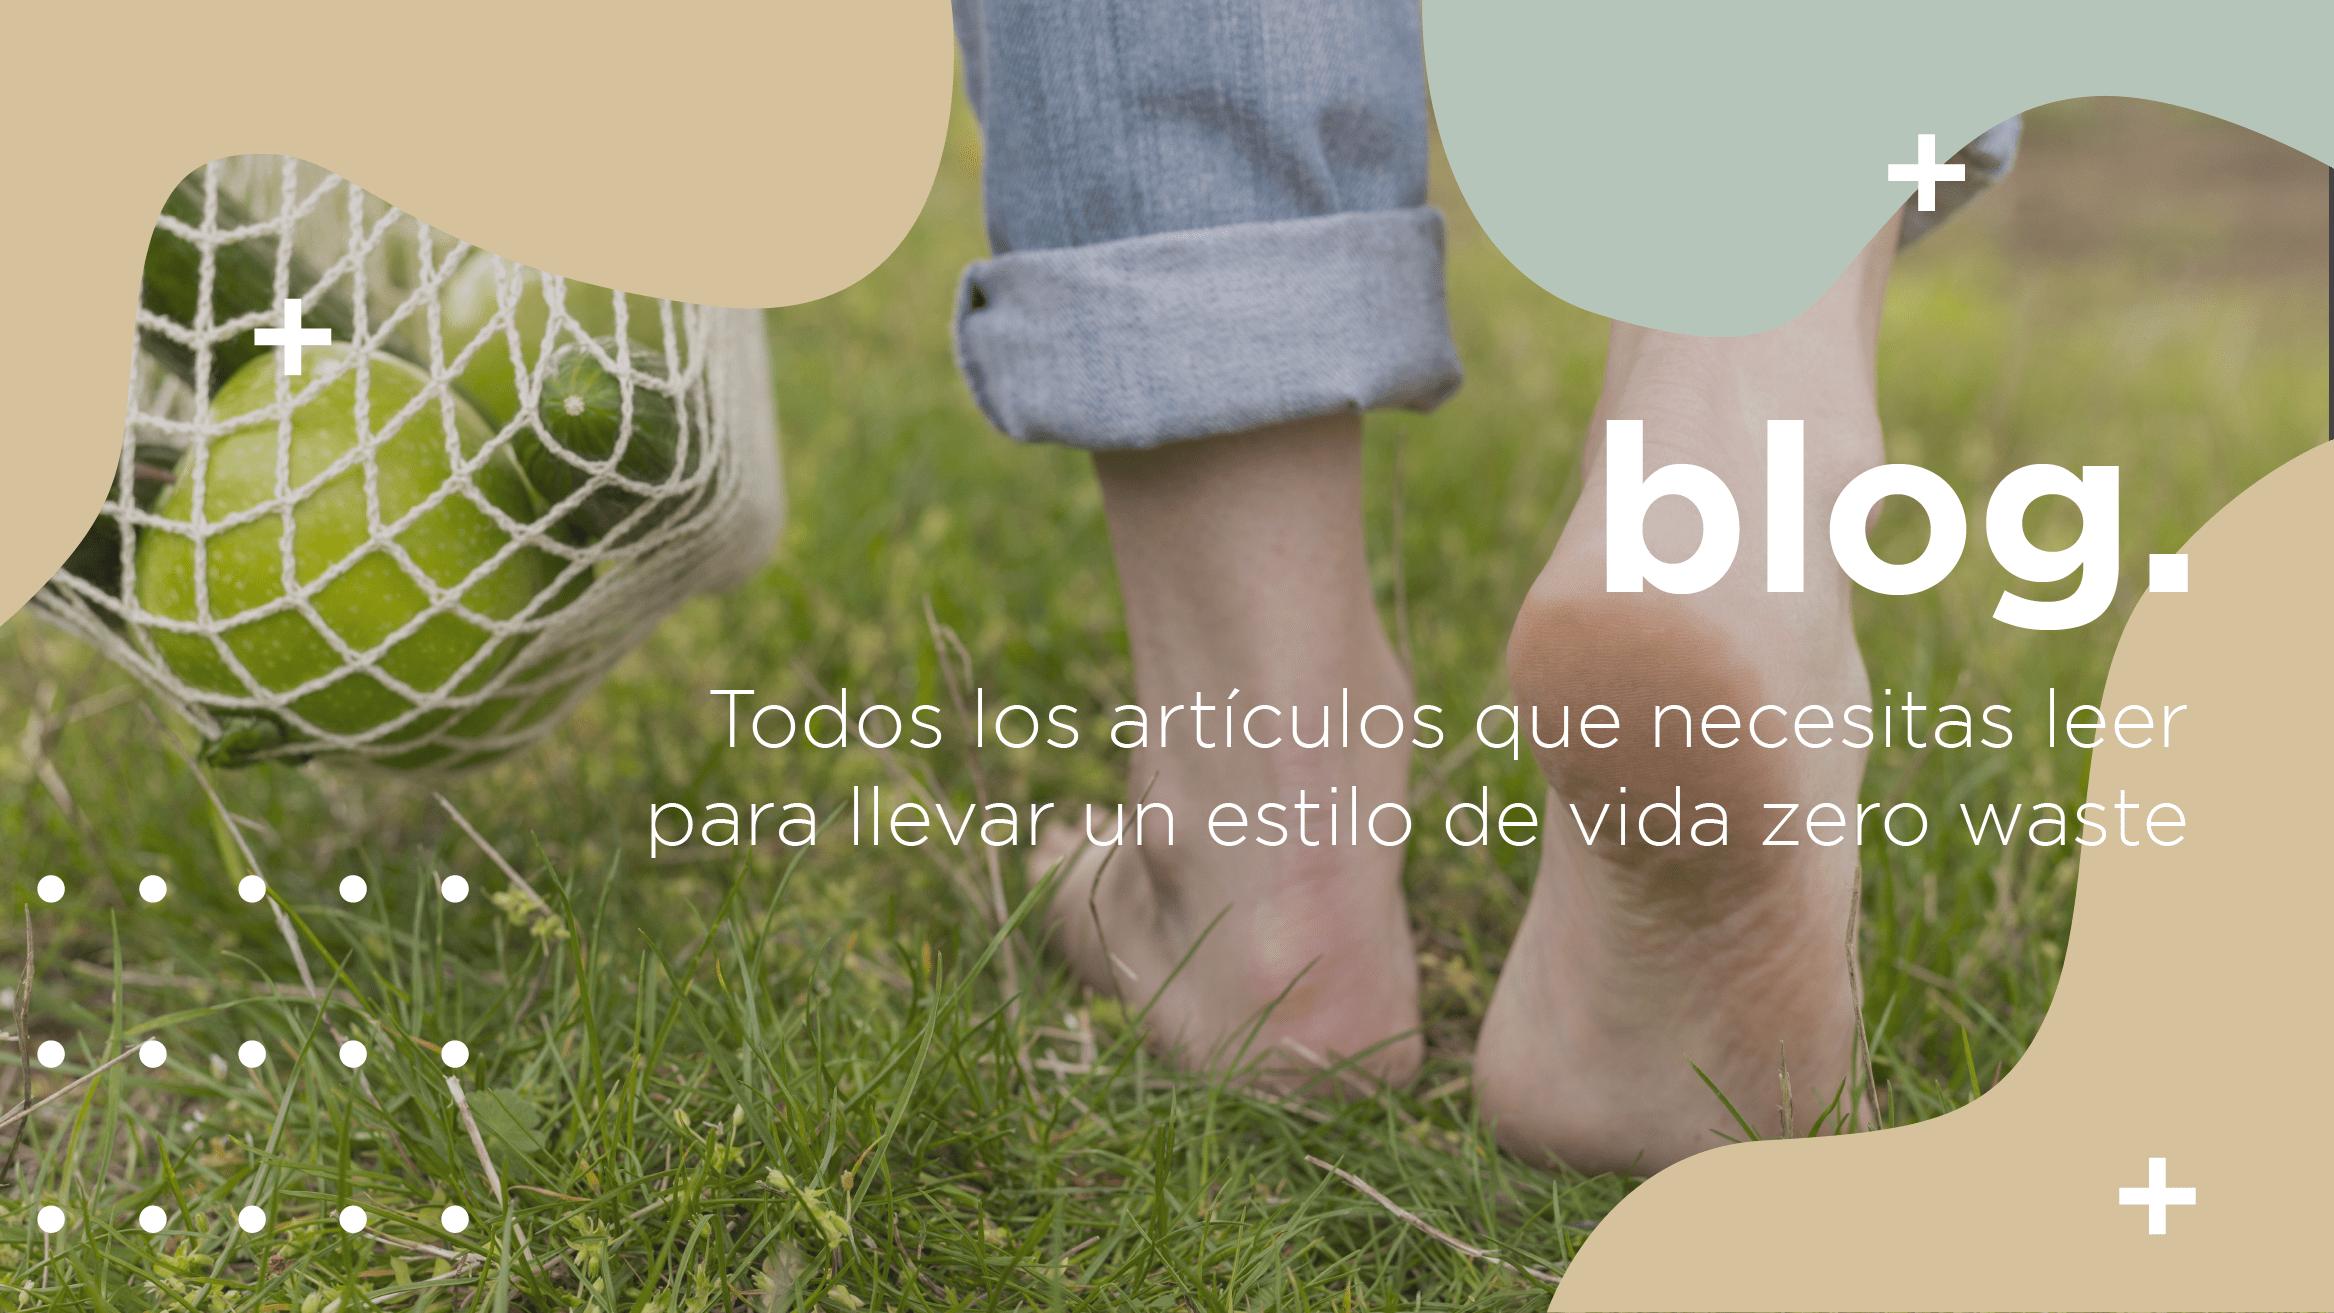 blog zero waste